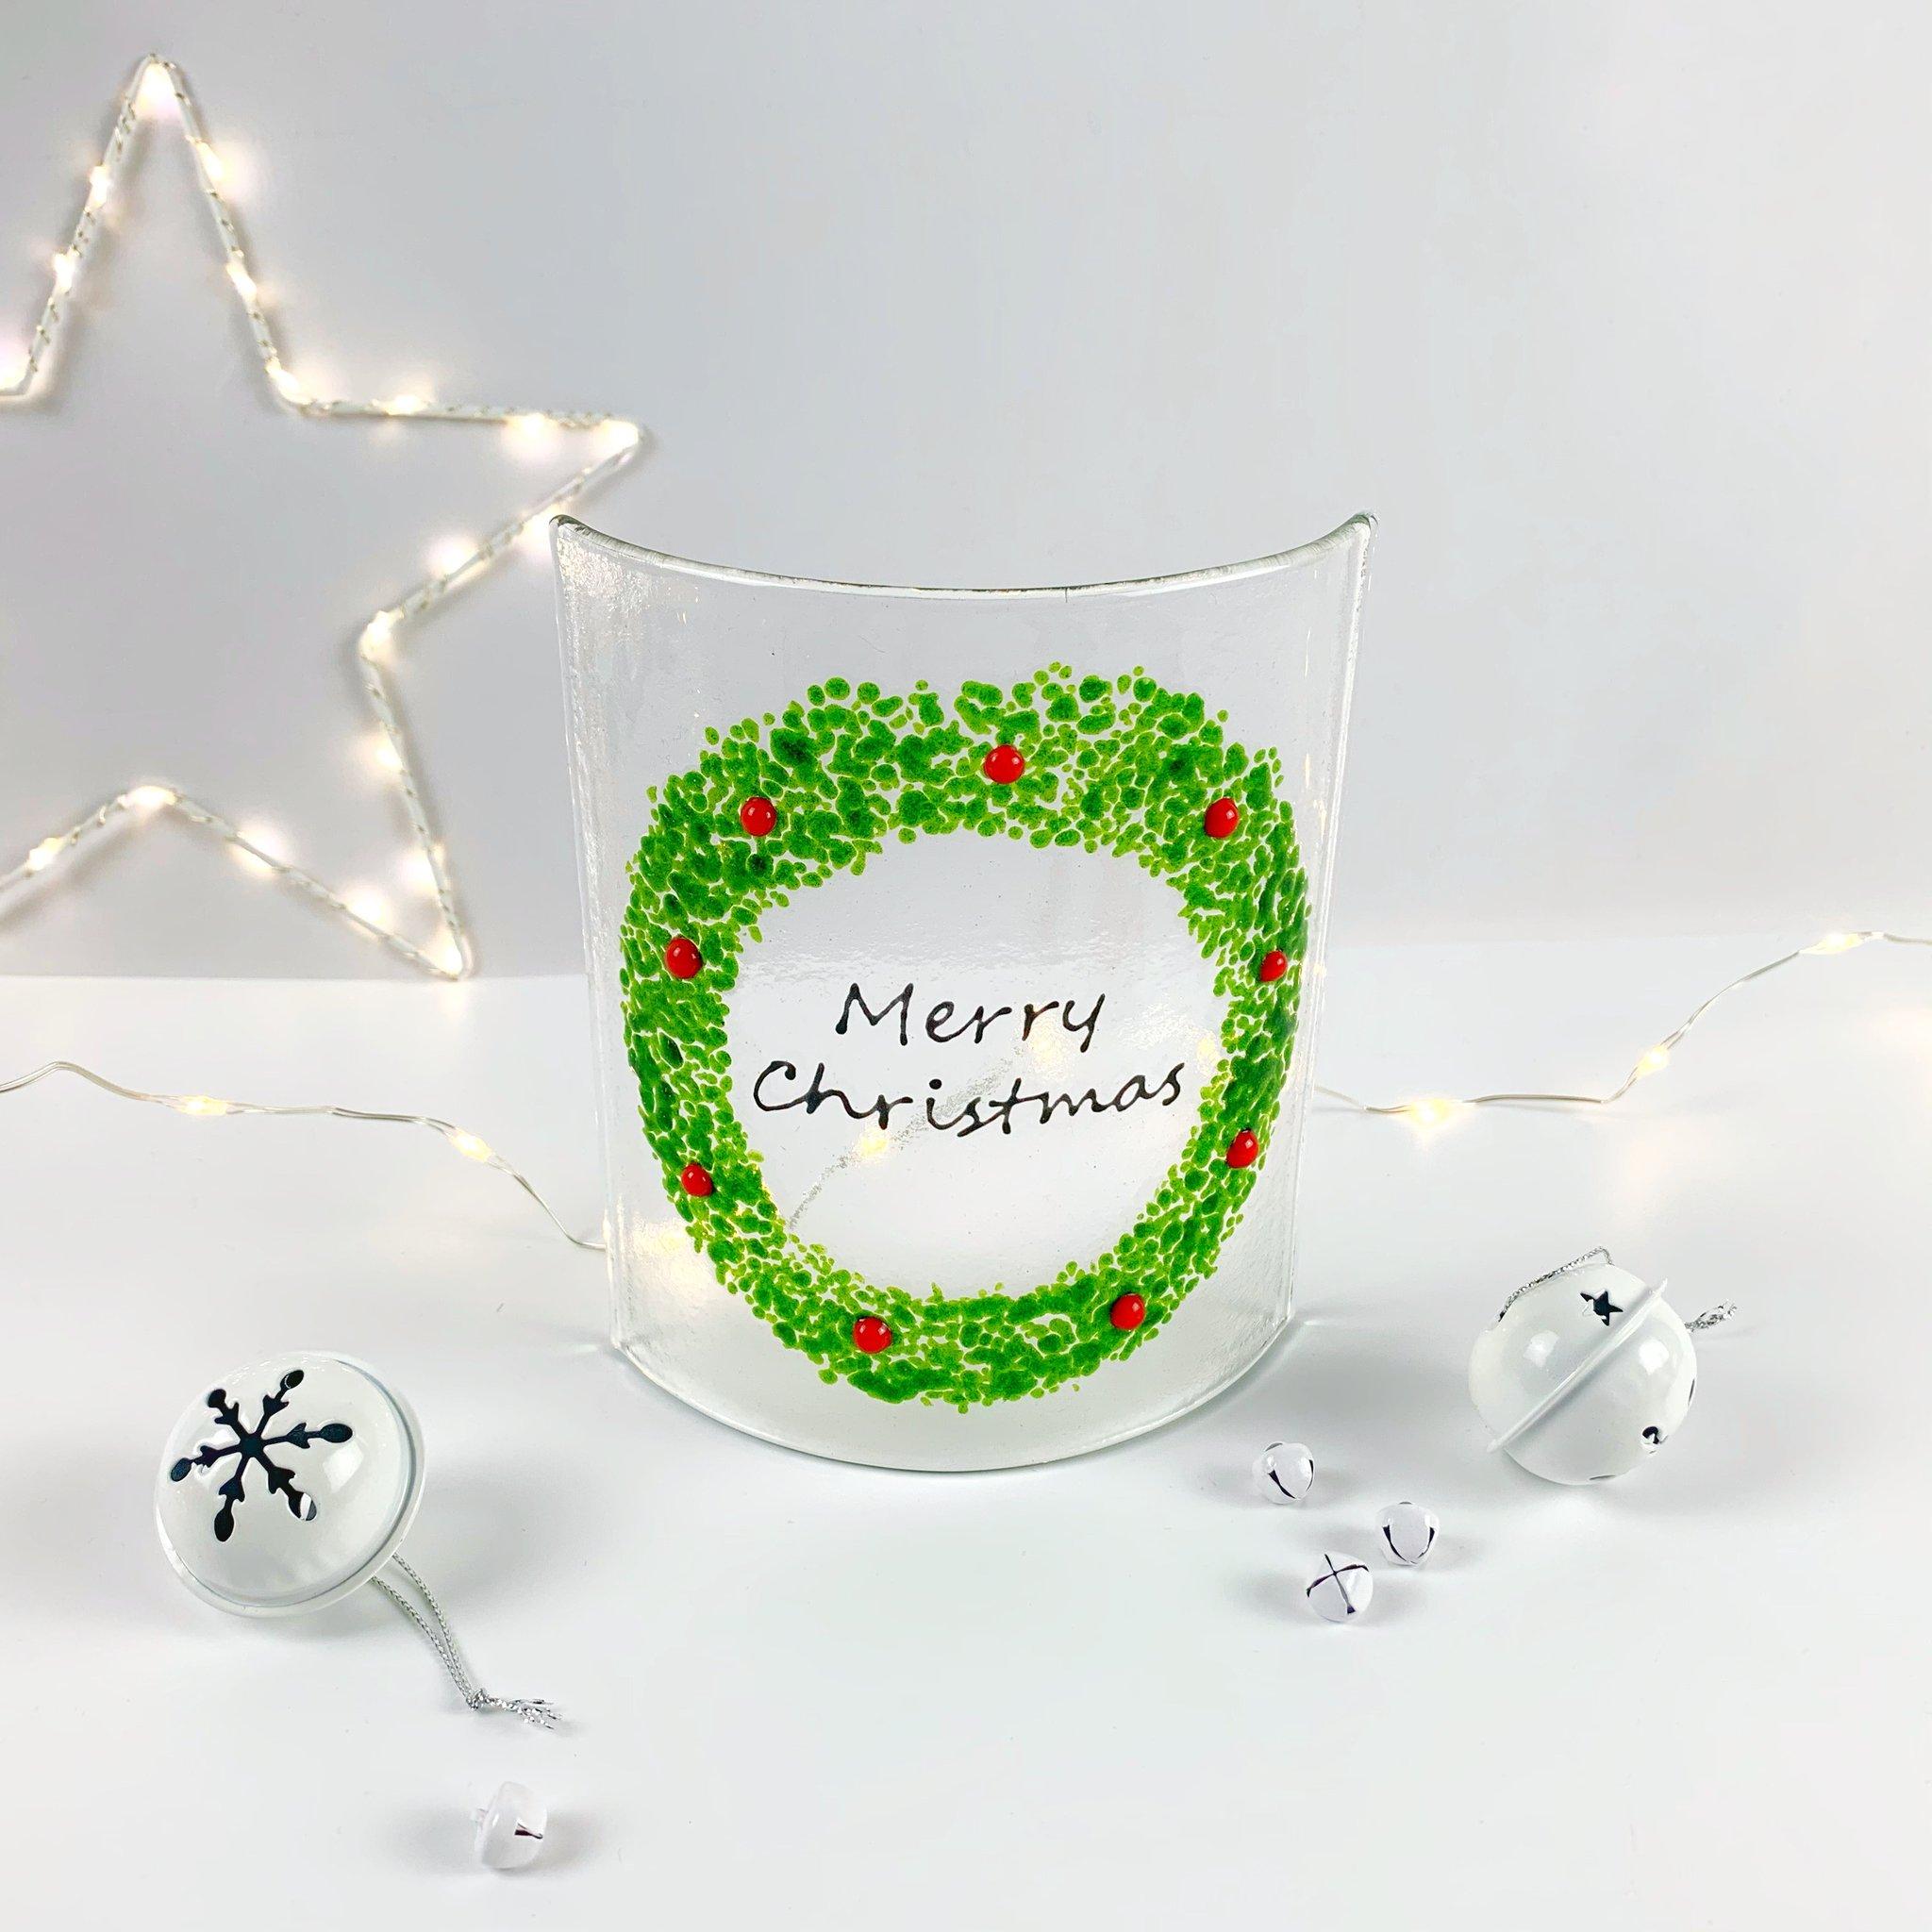 Glass Christmas Wreath Panel